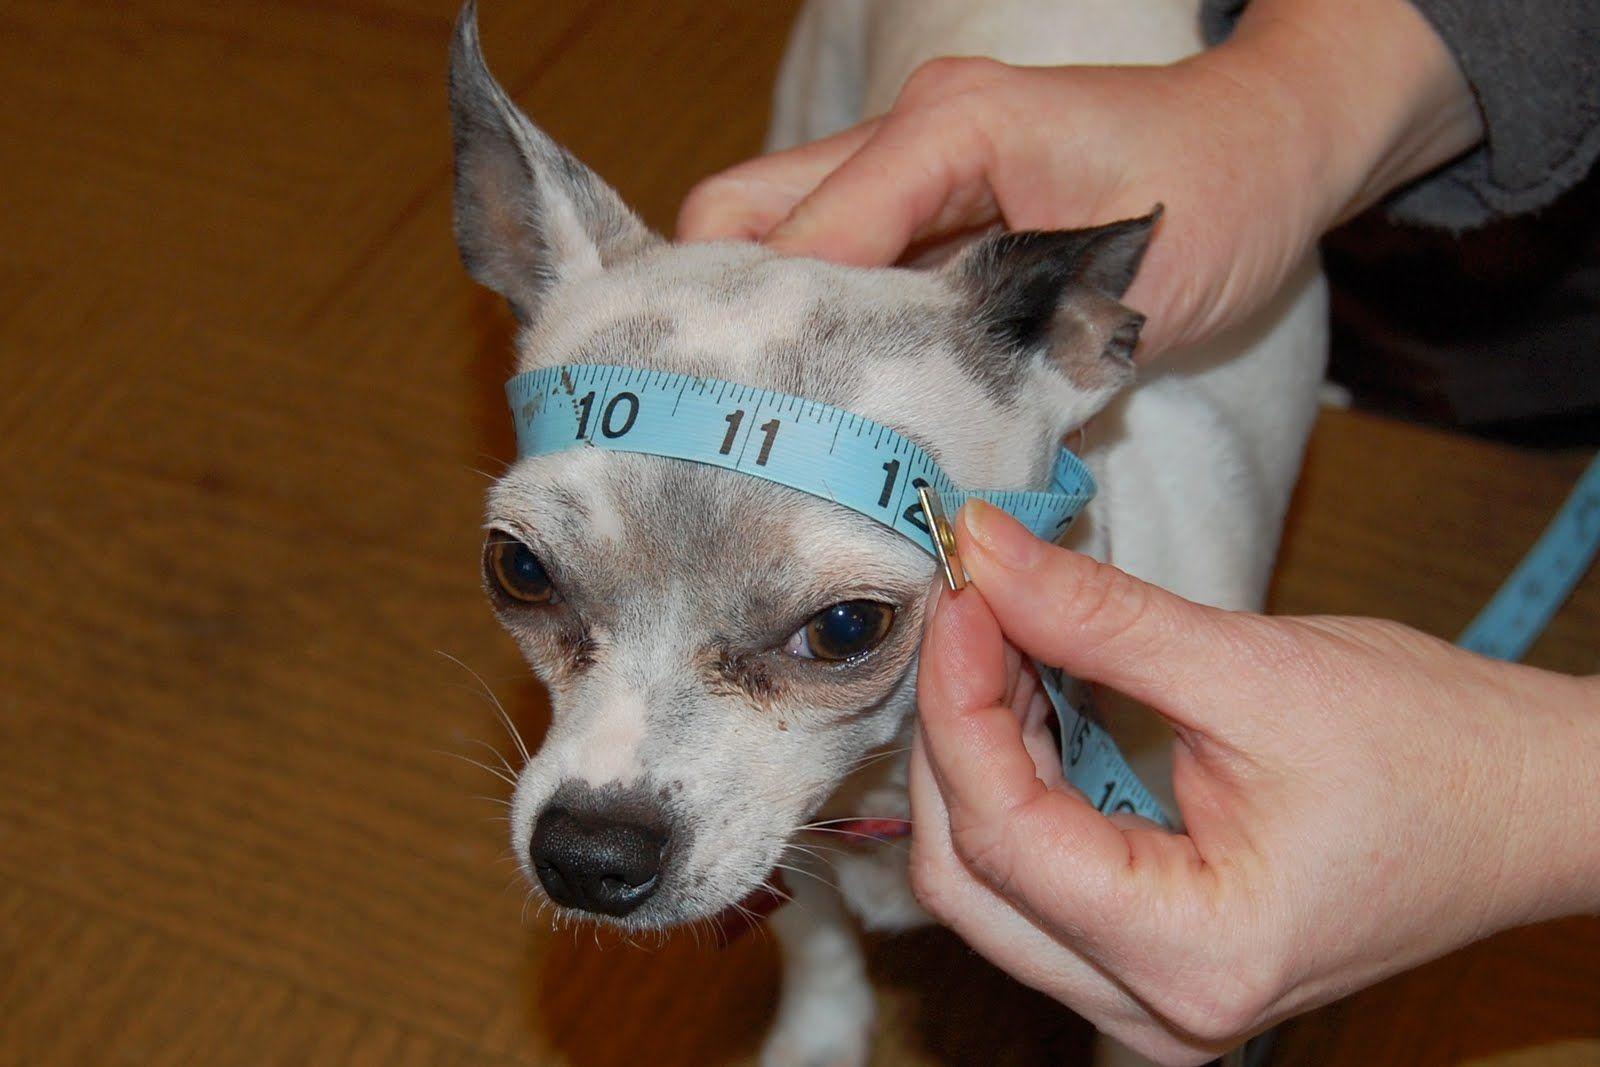 Visor For Dogs Crochet Pattern | Stricken häkeln, Stricken und Häkeln